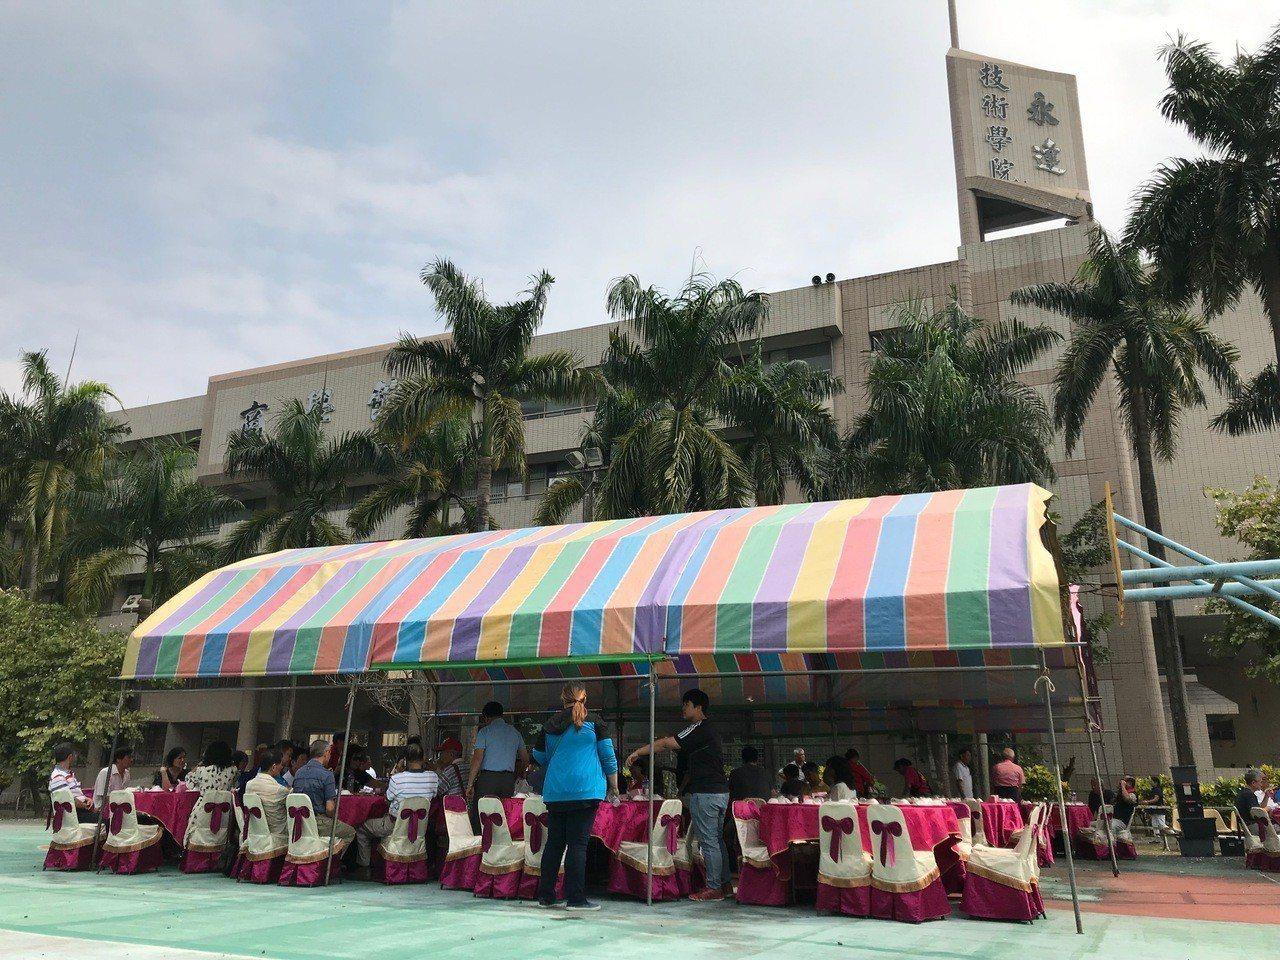 屏東縣永達技術學院校友會在學校停招後首次回到校本部舉辦聯誼餐會。記者蔣繼平/攝影